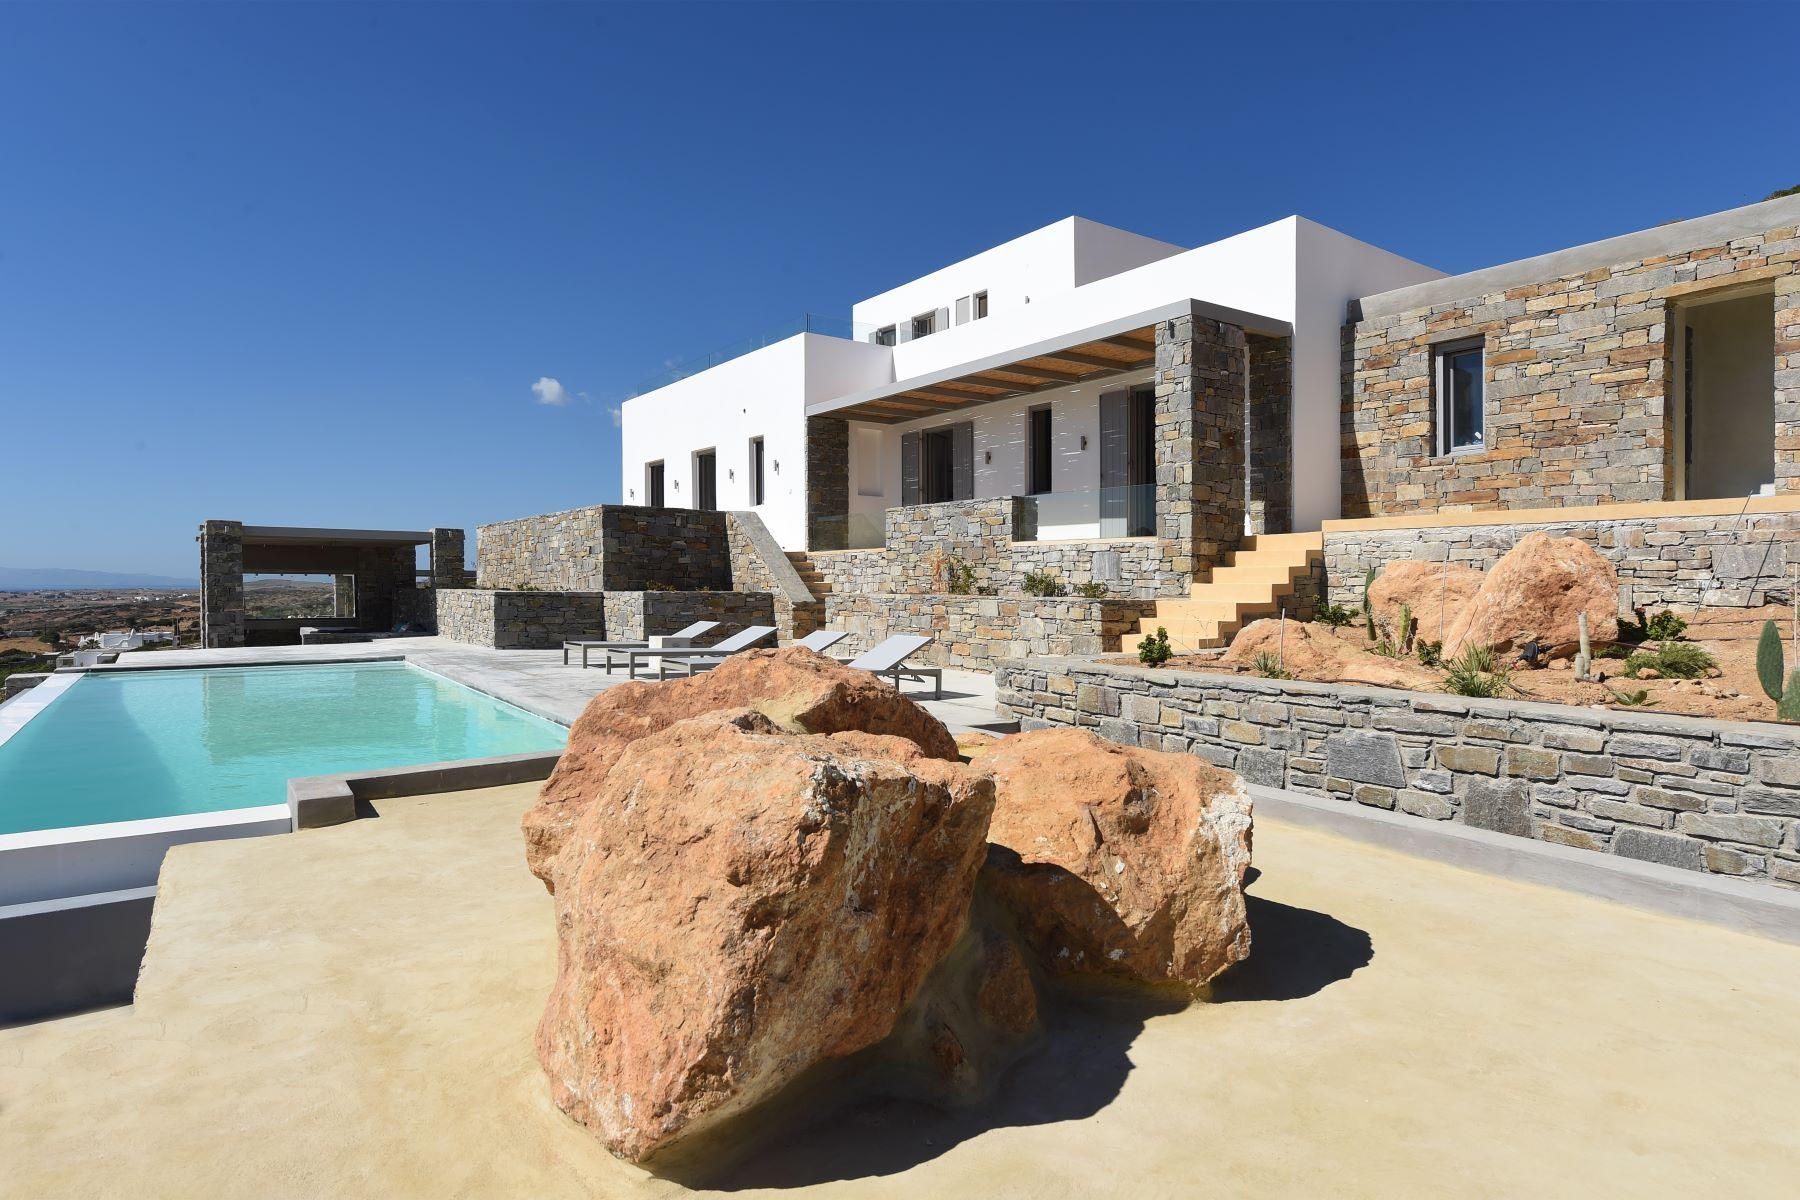 Villa per Vendita alle ore Bianca Paros, Egeo Meridionale, Grecia